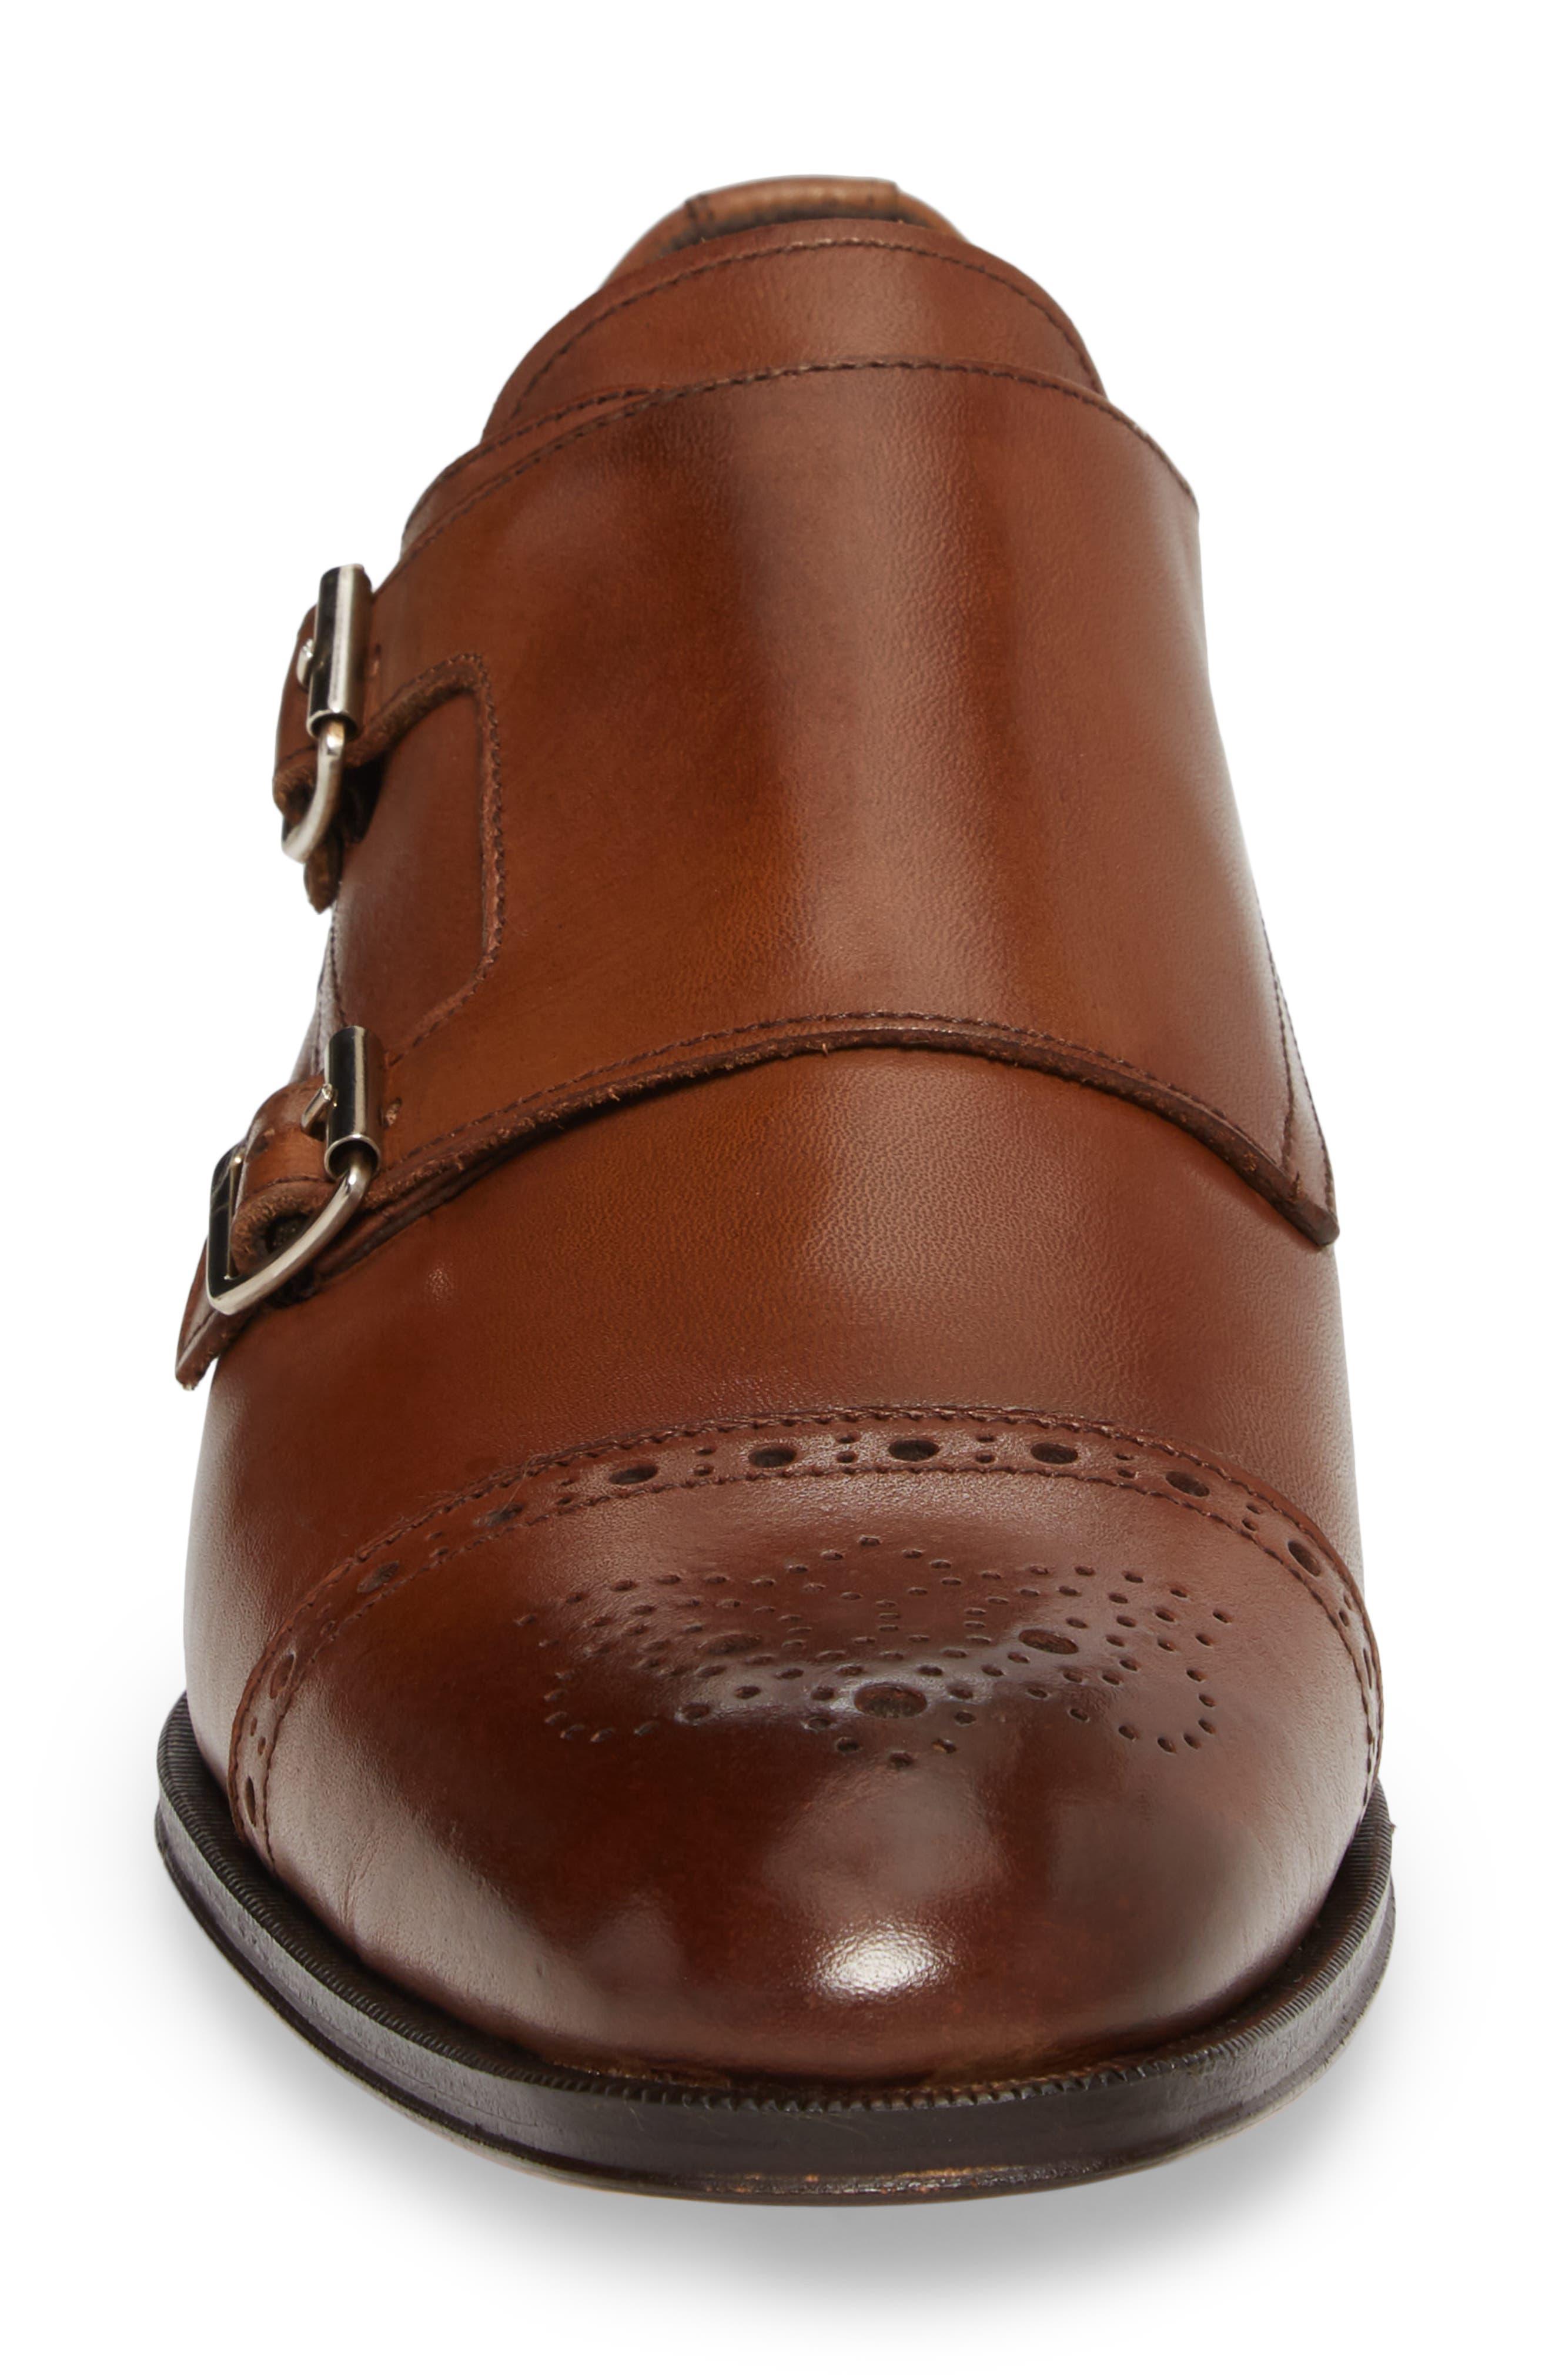 Dreyfus Cap Toe Monk Shoe,                             Alternate thumbnail 4, color,                             Brown